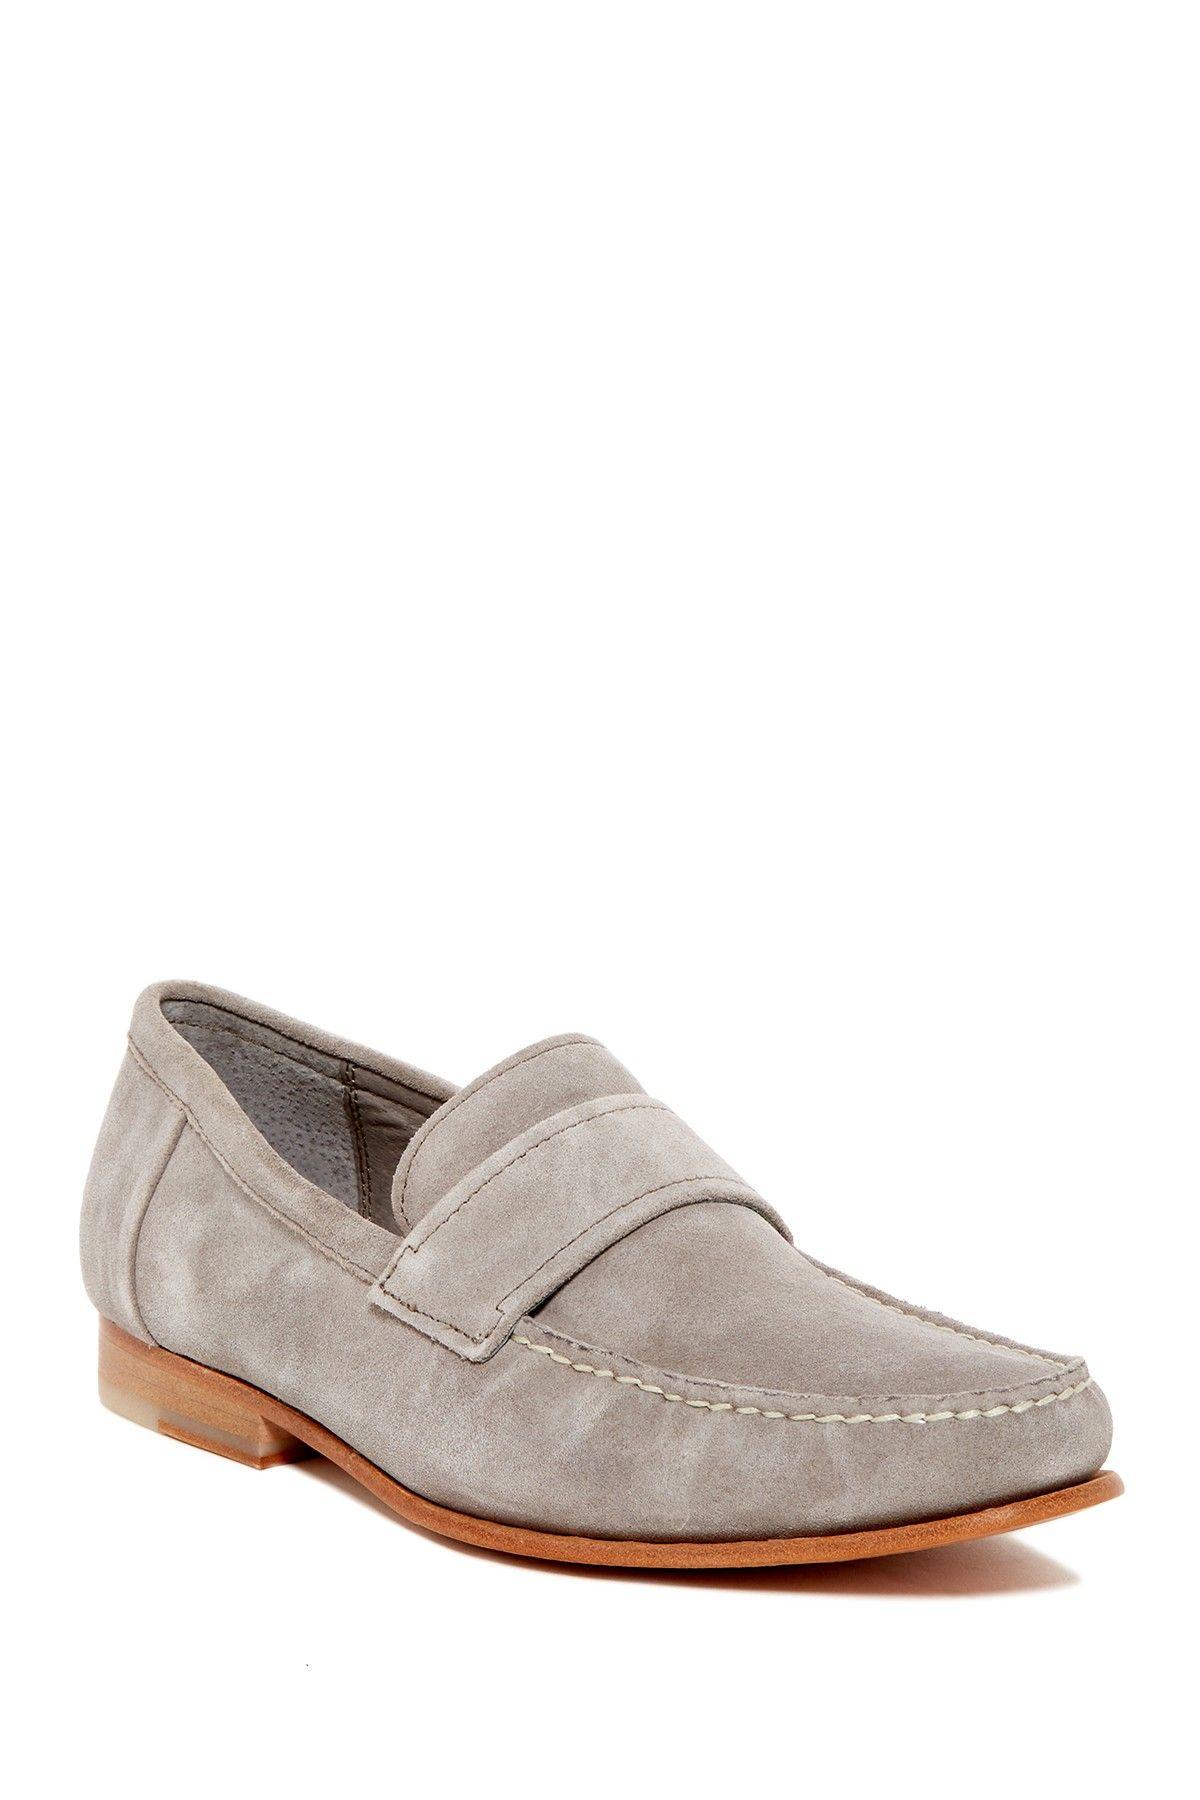 Baron Slip-On Loafer